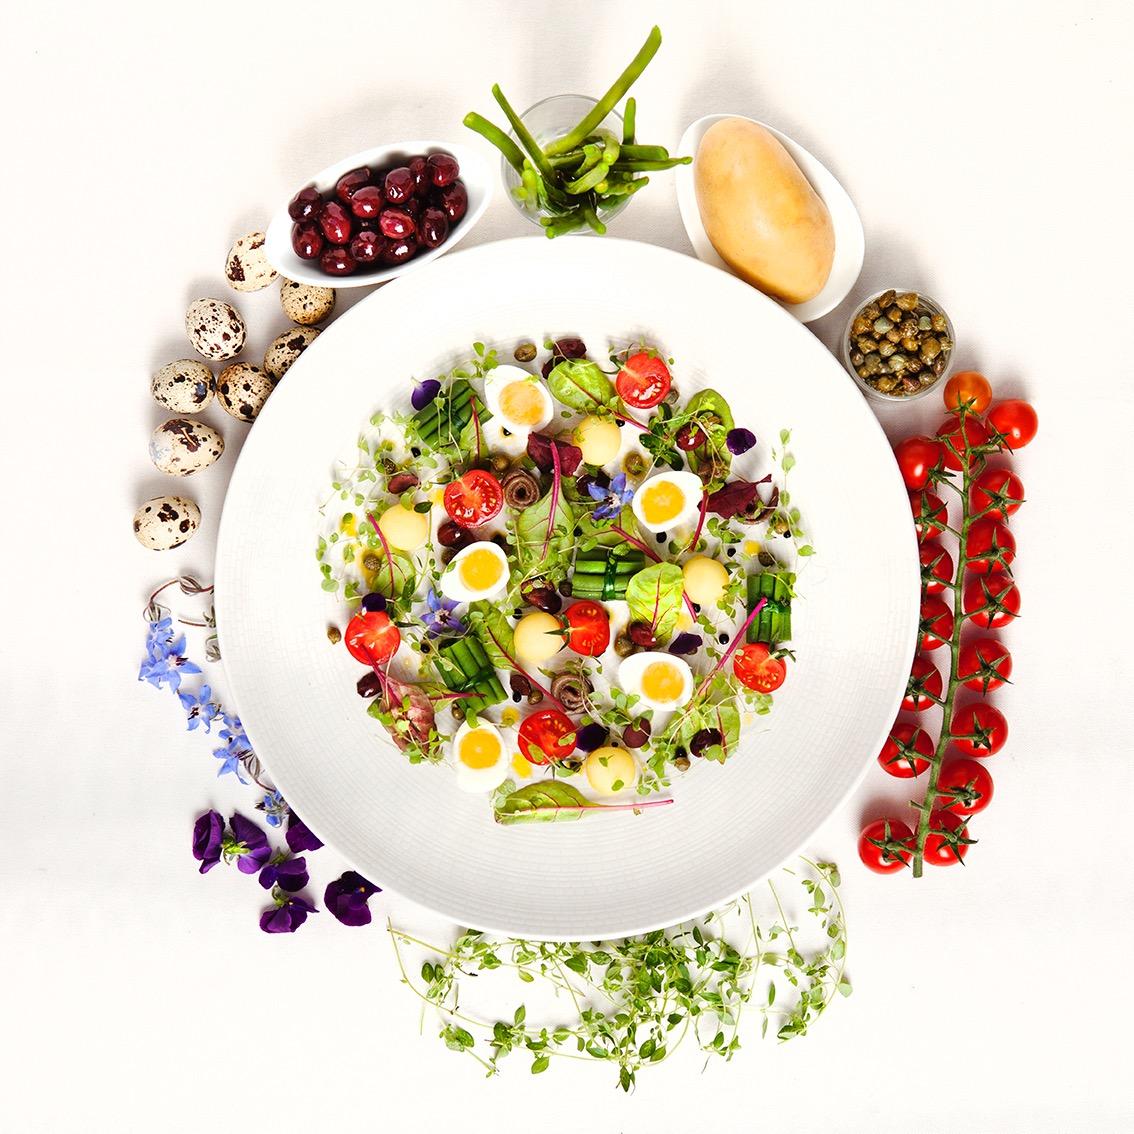 Creation culinaire Jordan Delamotte, chef executif, epoque Hotel de sers, La salade Niçoise et ses ingredients, ©Alban Couturier